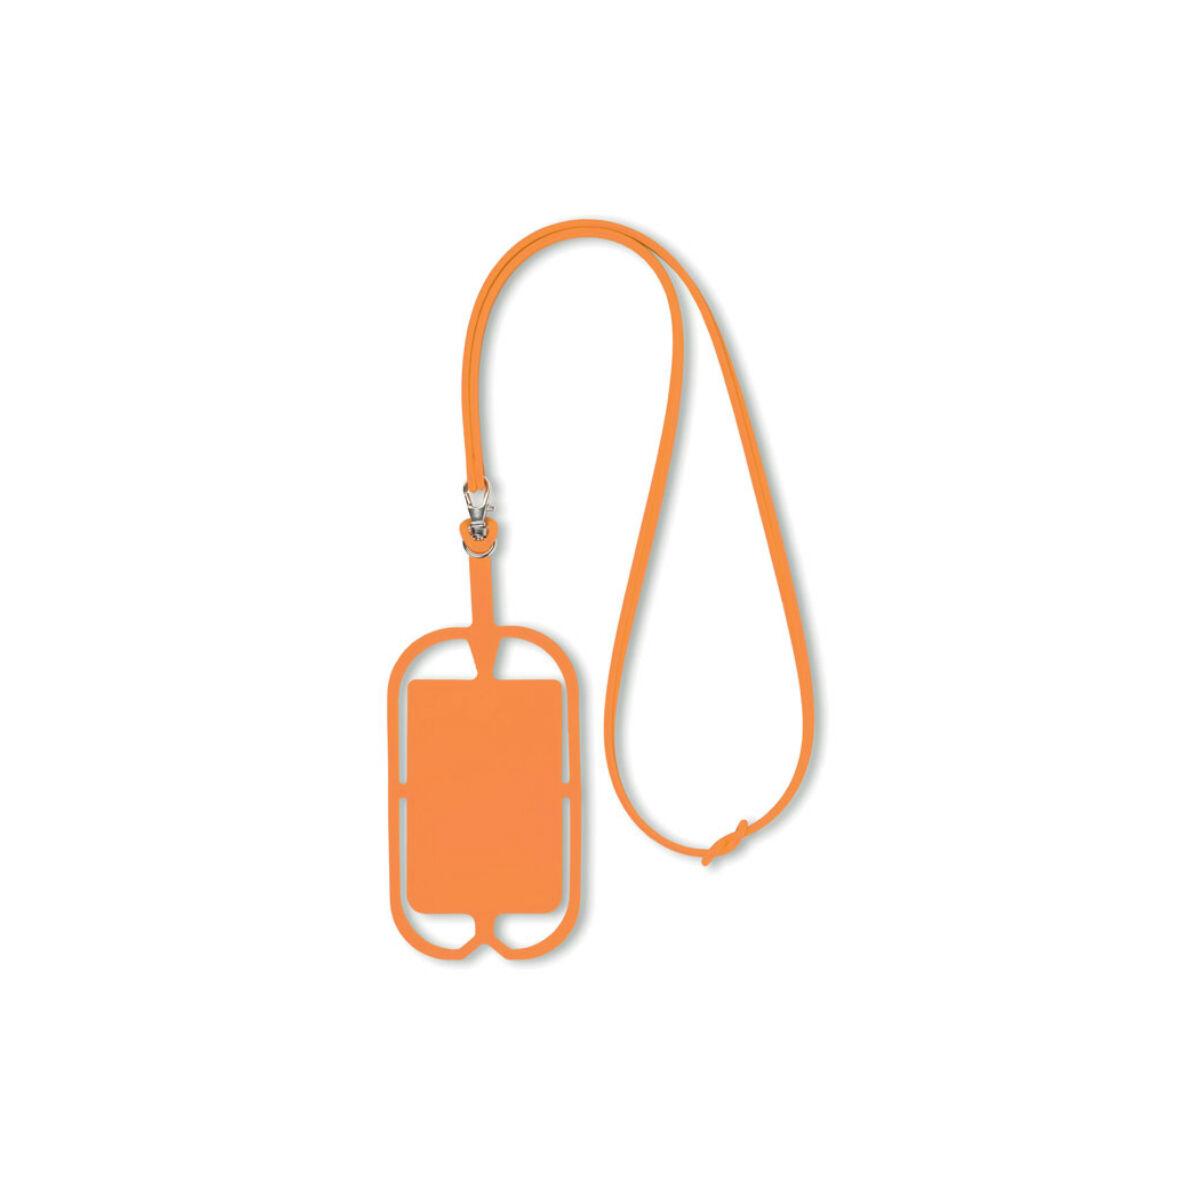 Smartphone Holder and Hanger (Orange)